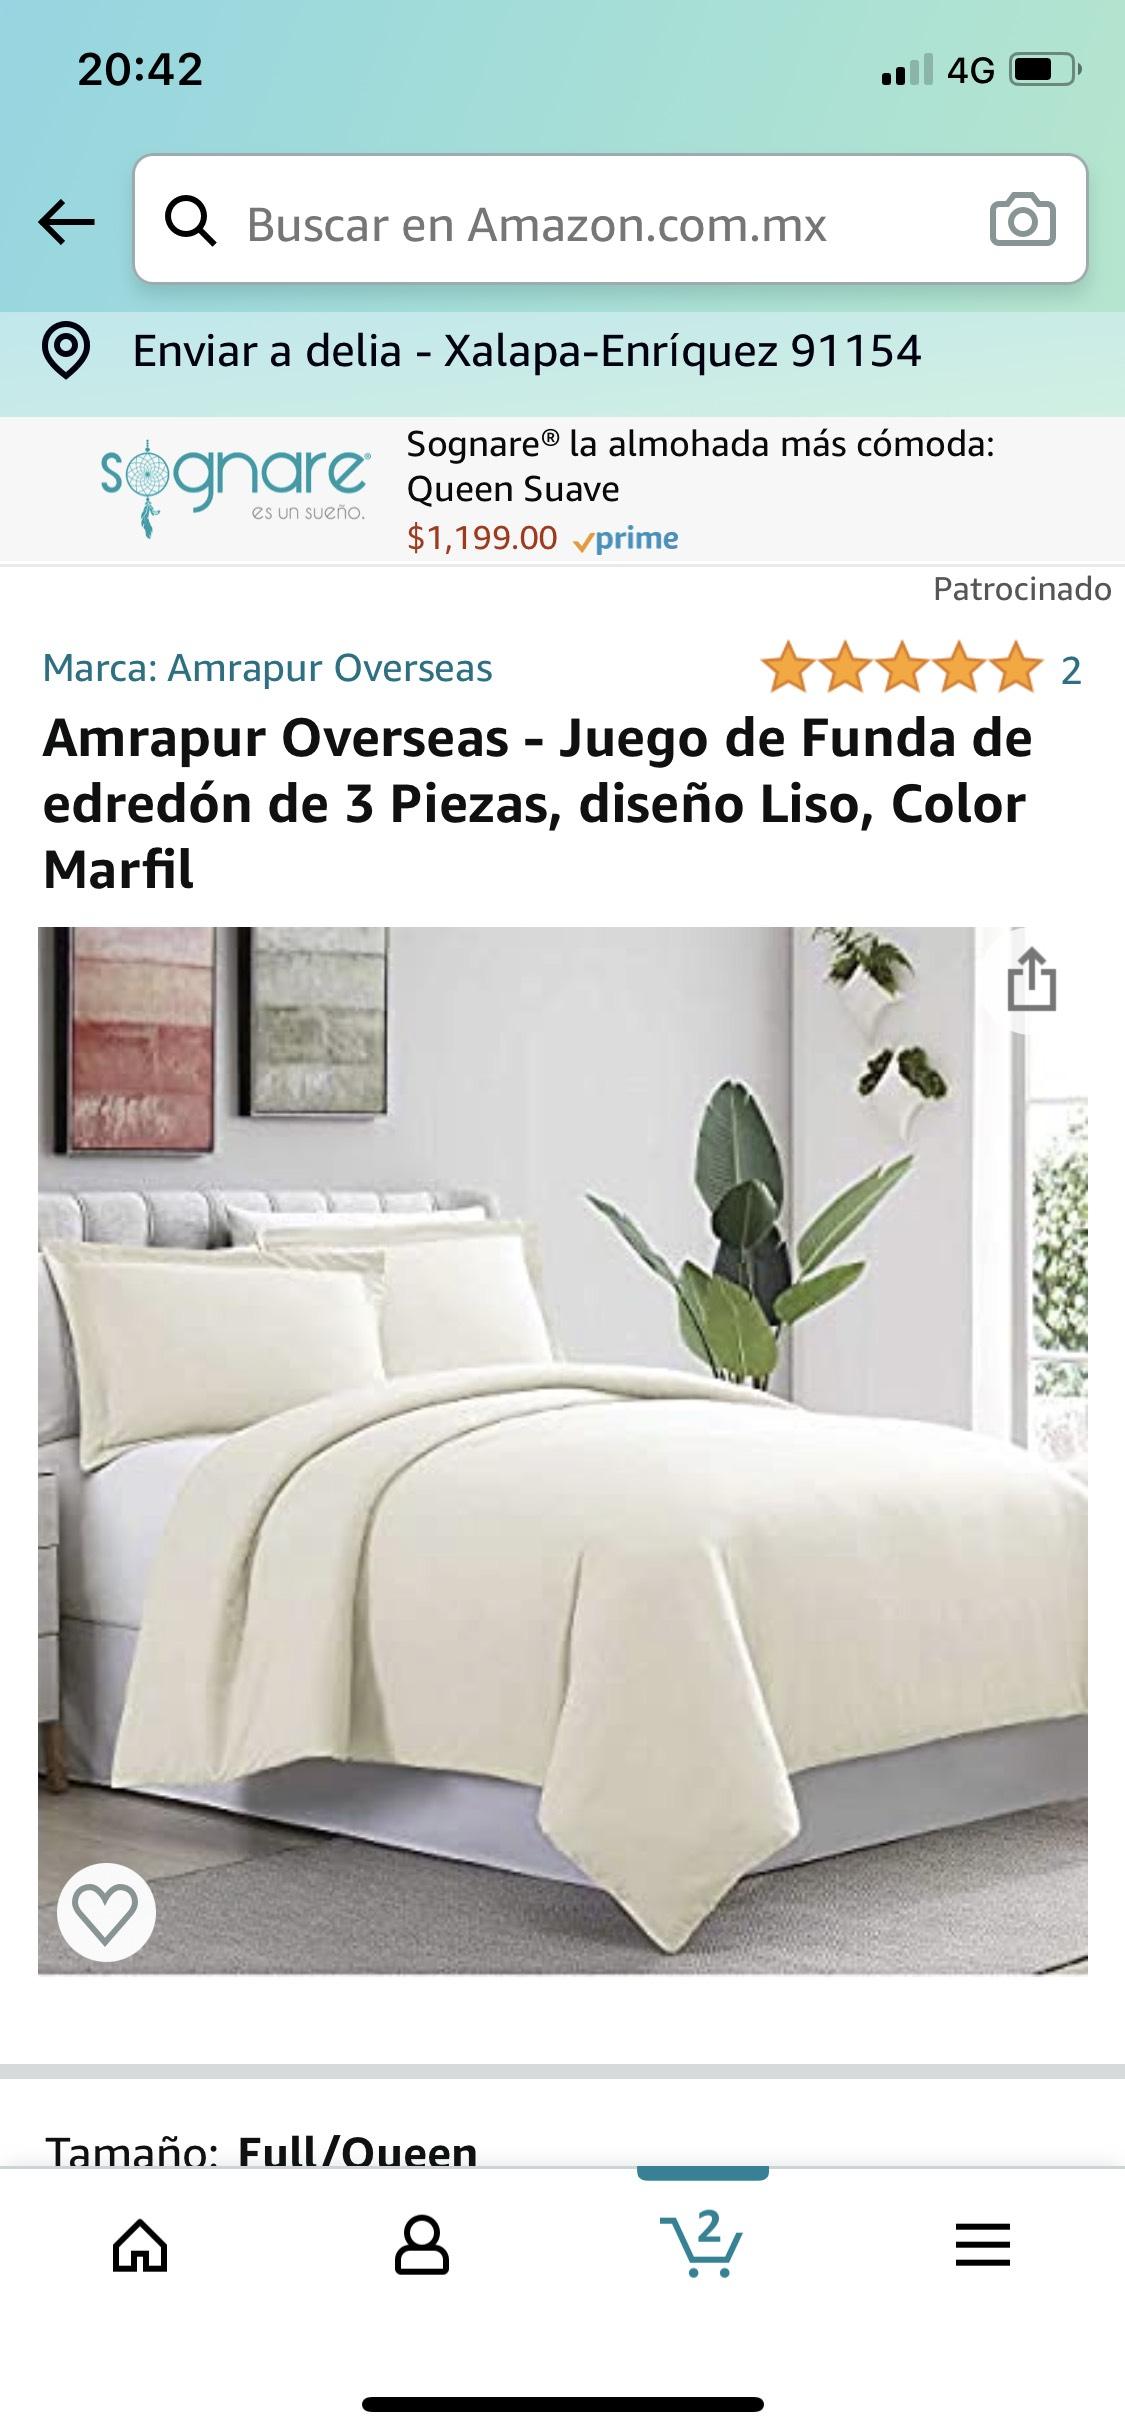 Amazon: Juego de Funda de edredón de 3 Piezas, diseño Liso, Color Marfil Queen Size